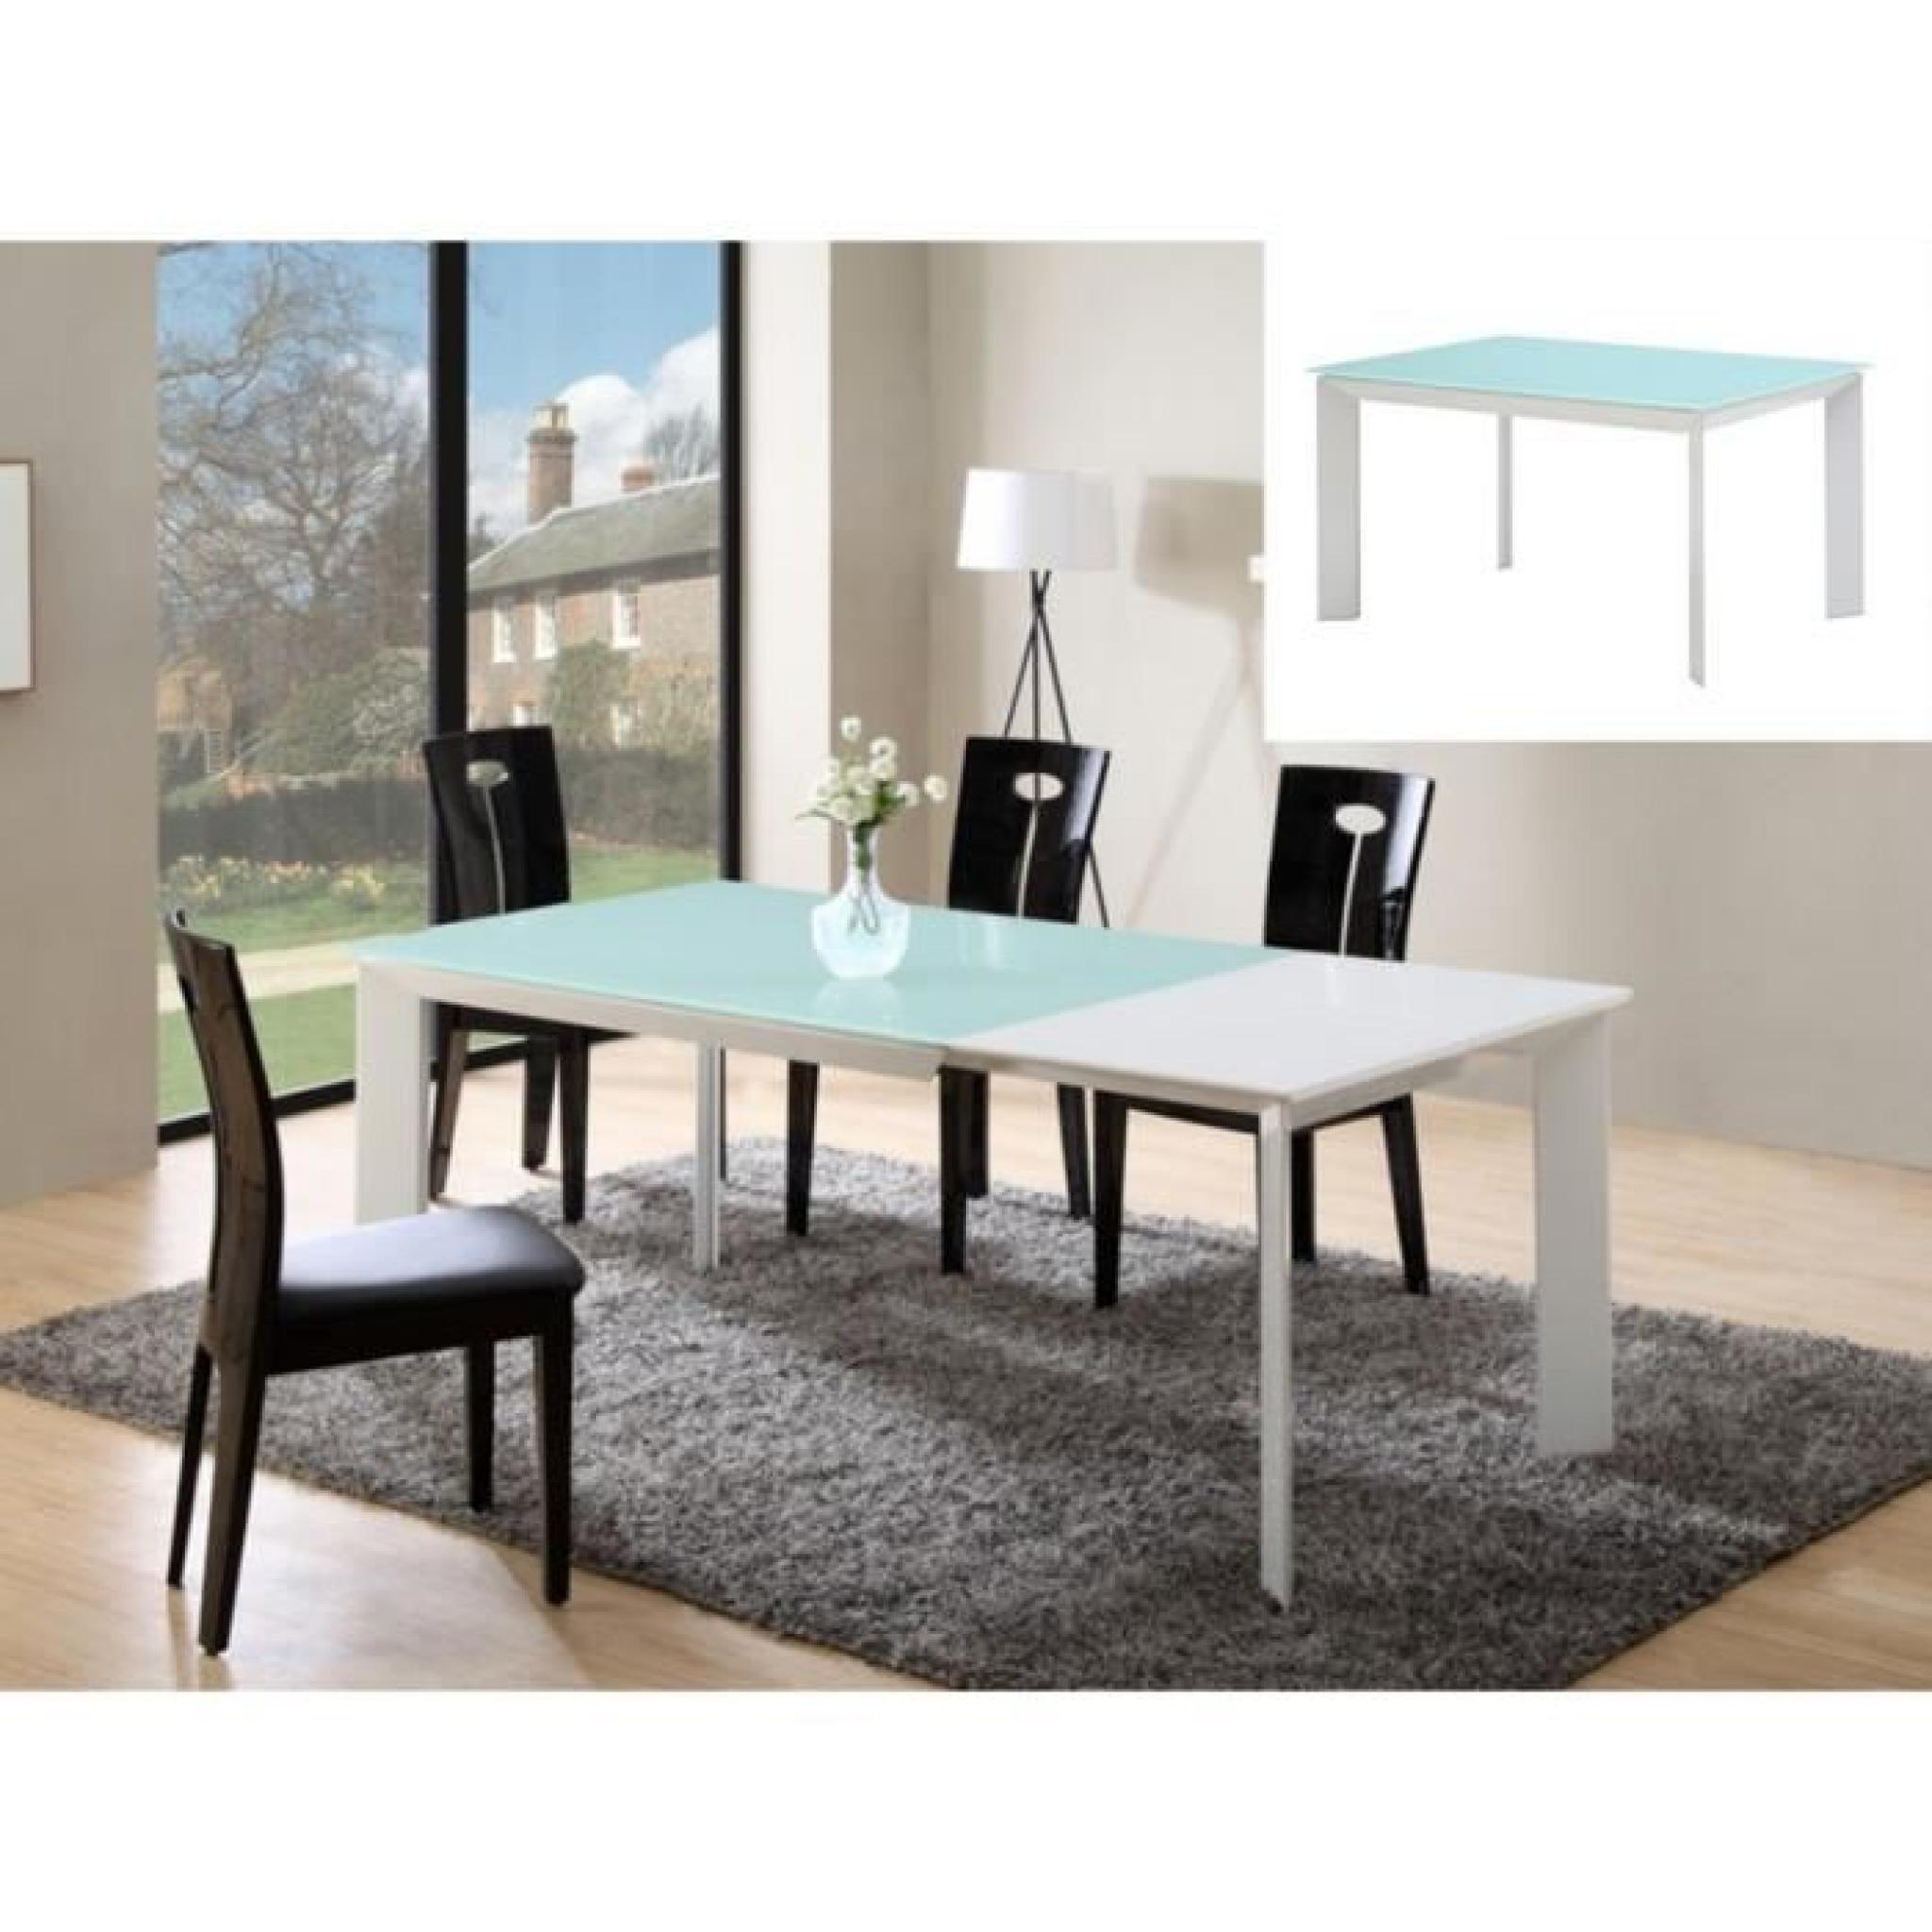 Table extensible arielle   6 à 8 couverts   mdf & verre trempé ...